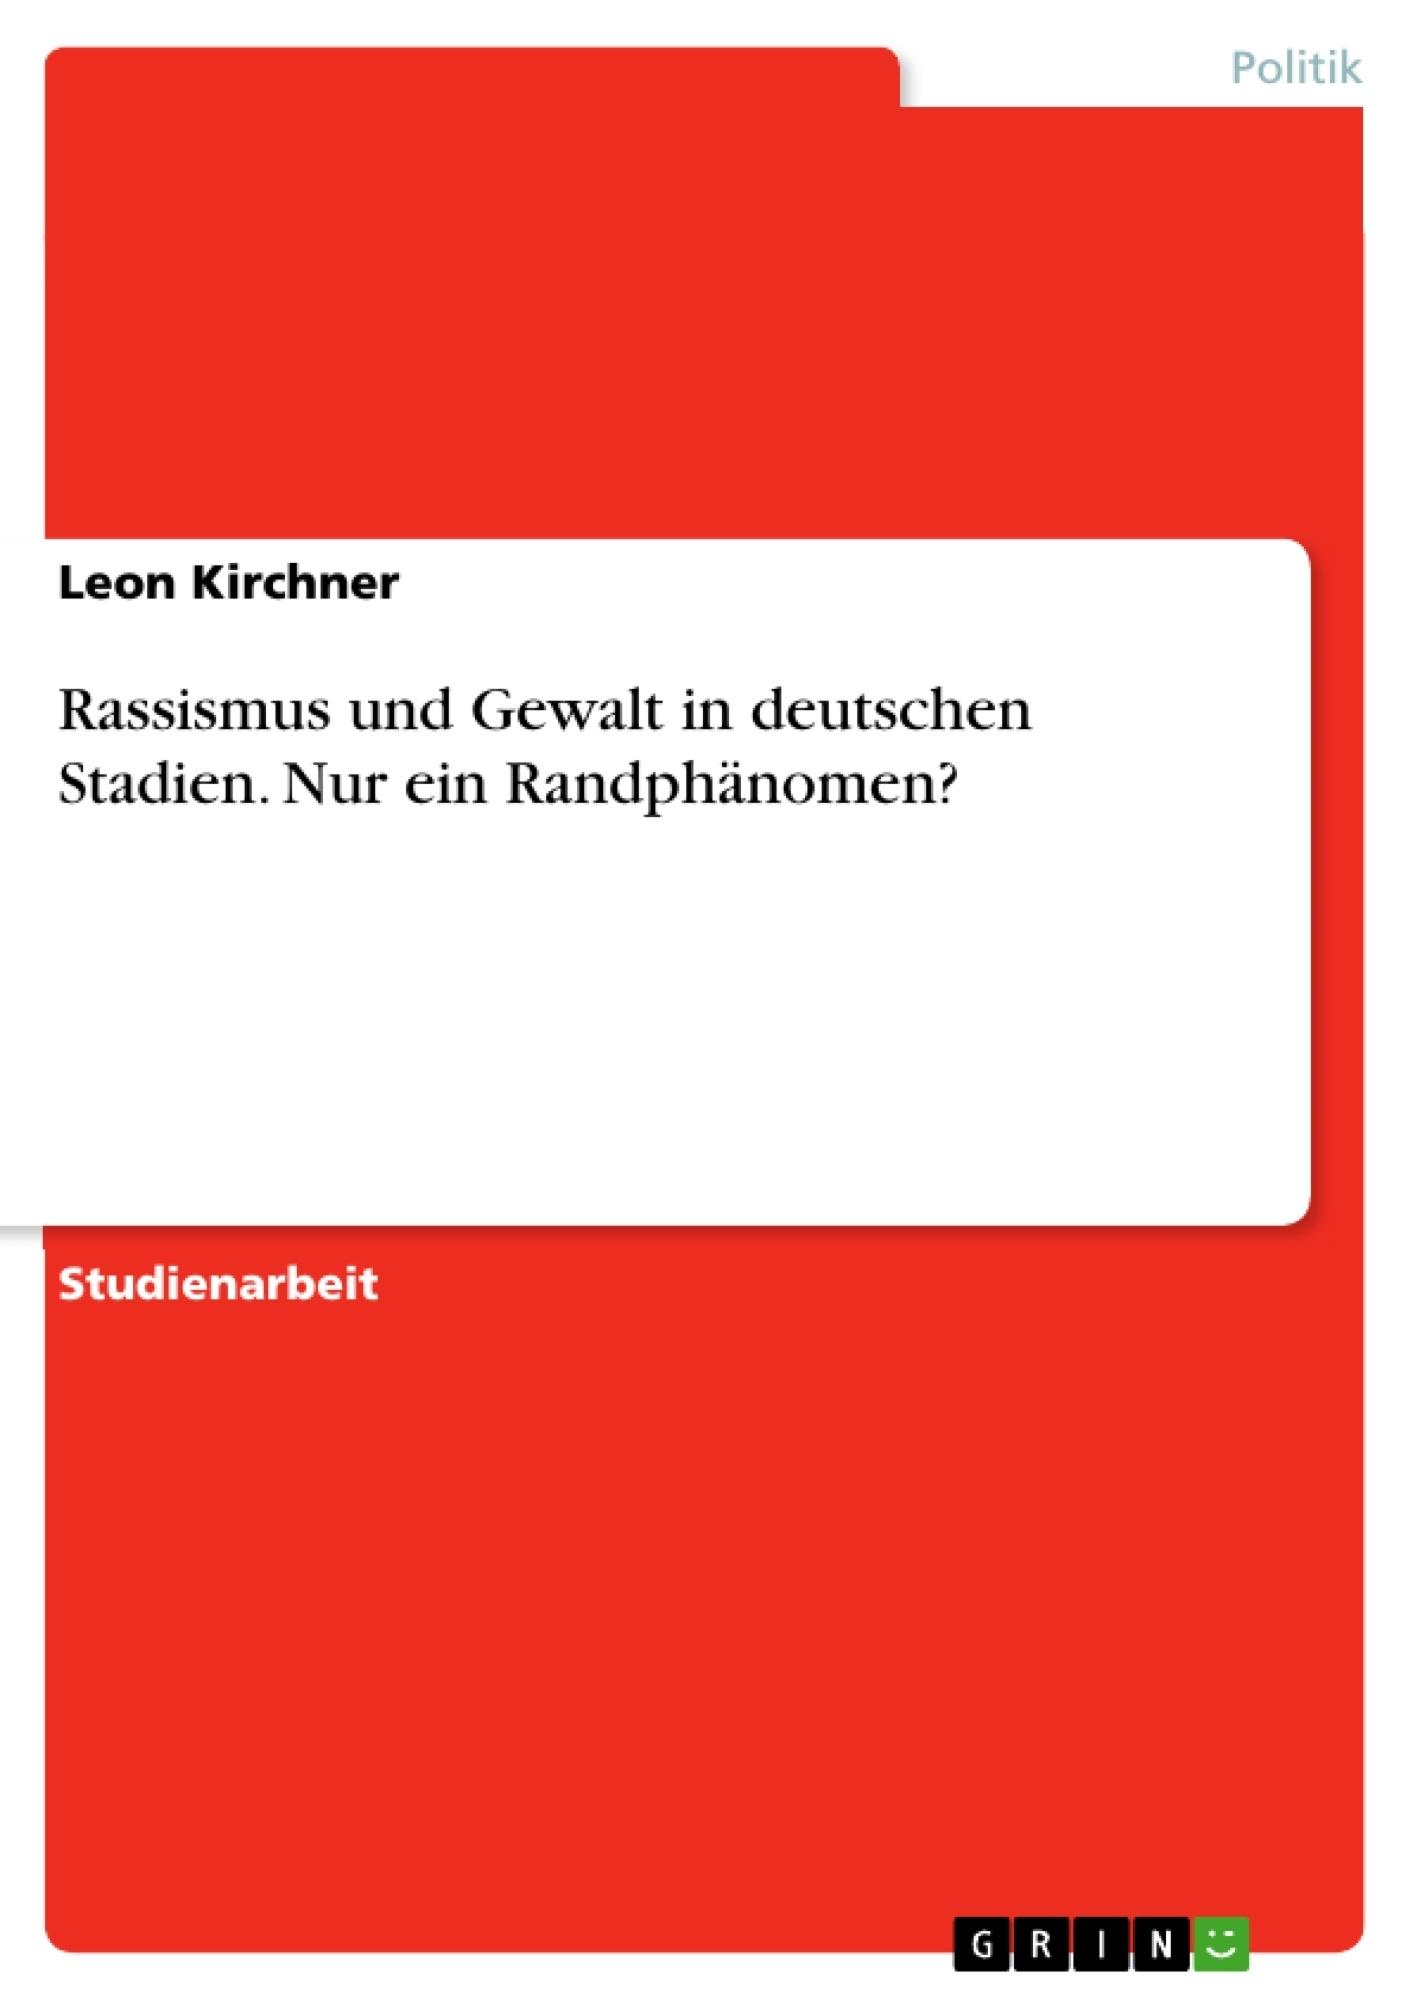 Titel: Rassismus und Gewalt in deutschen Stadien. Nur ein Randphänomen?